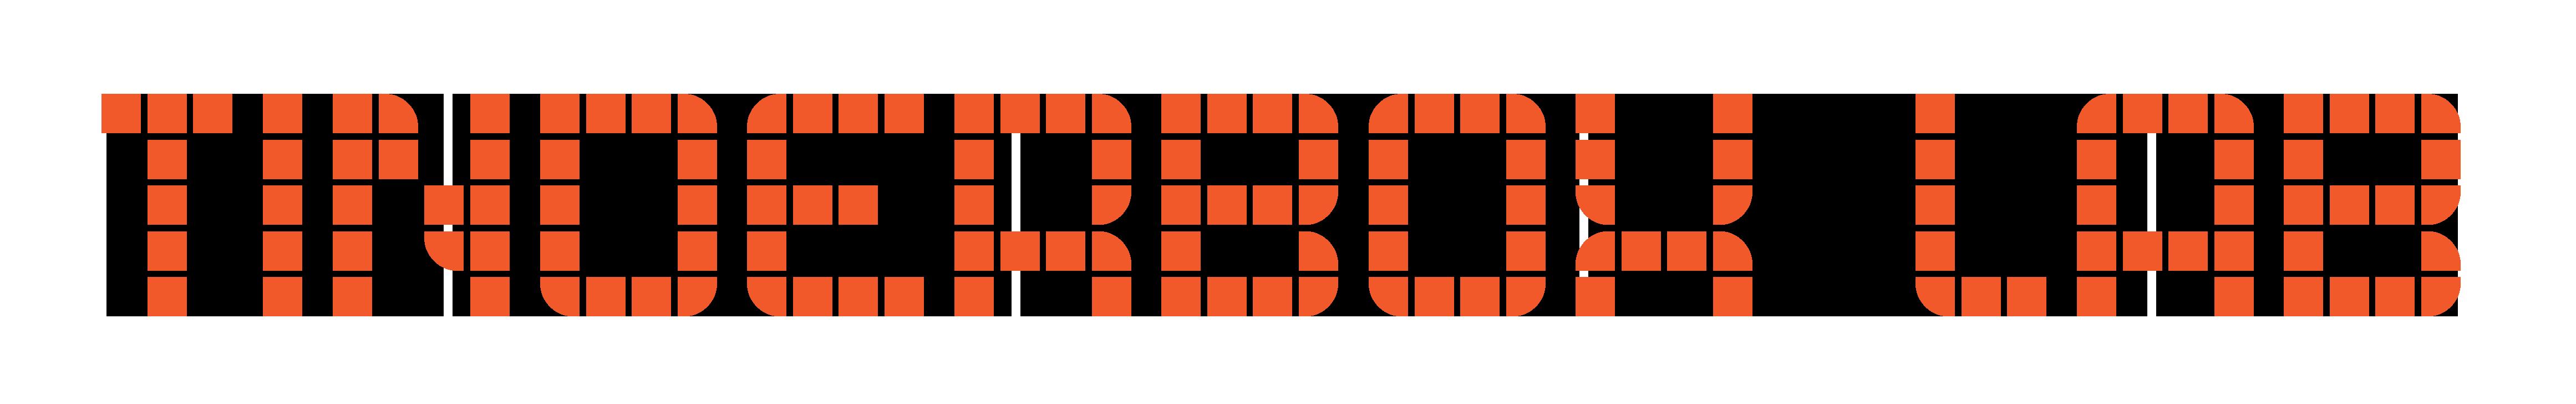 tbox-lab-logo-no-bg-